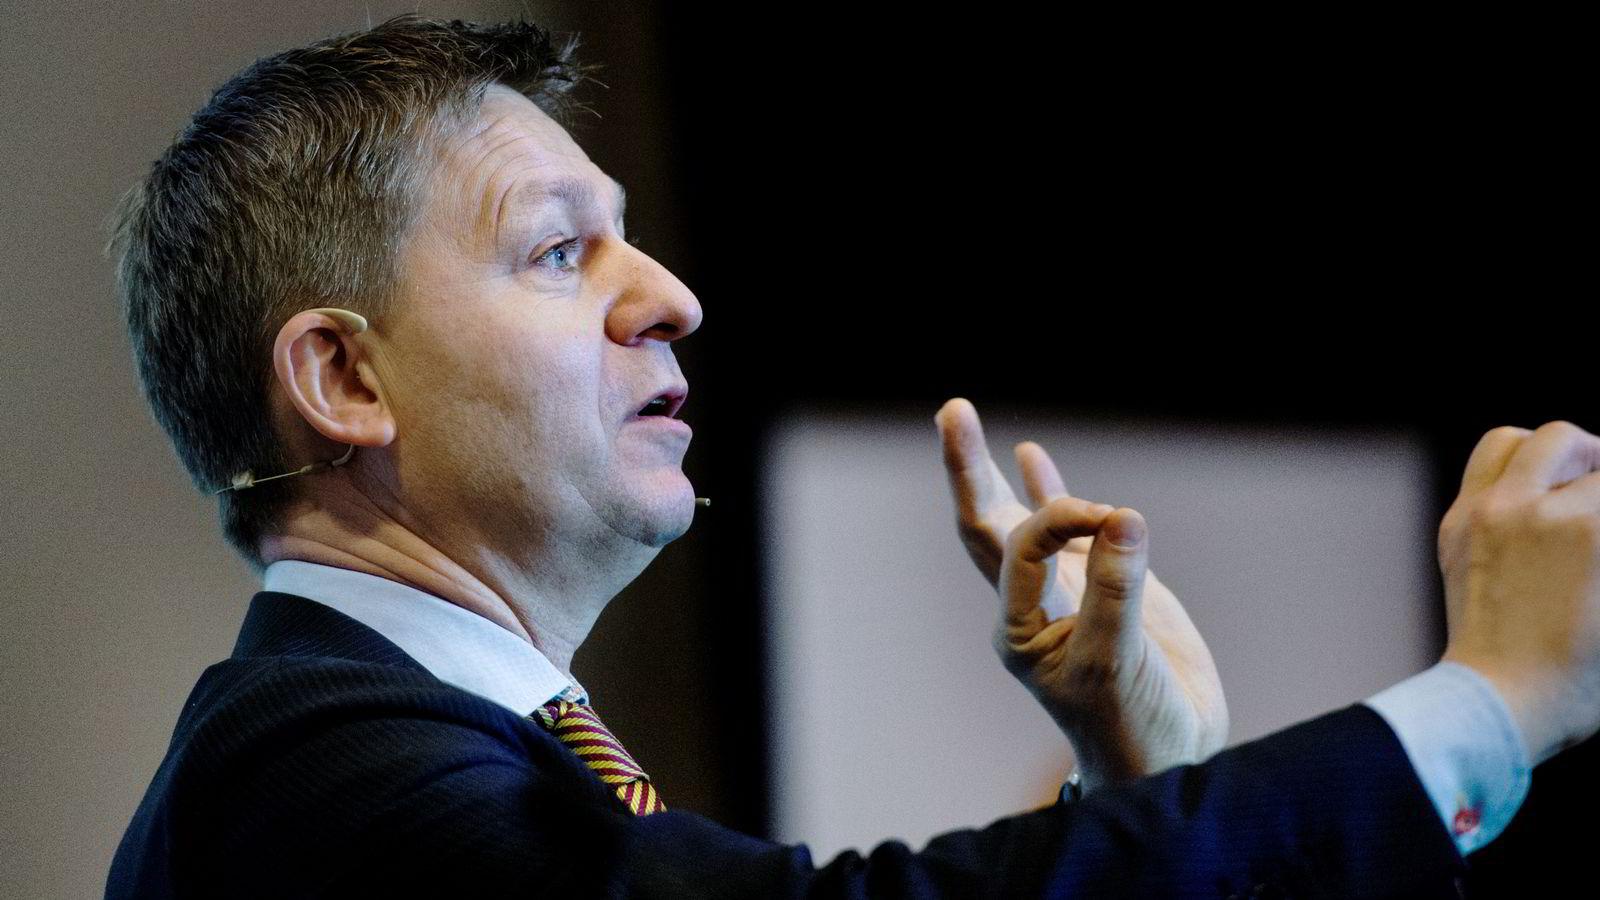 FORNØYD. Analysesjef Pål Ringholm mener Finanstilsynet har lagt frem et et «utmerket» forslag. FOTO:Hampus Lundgren